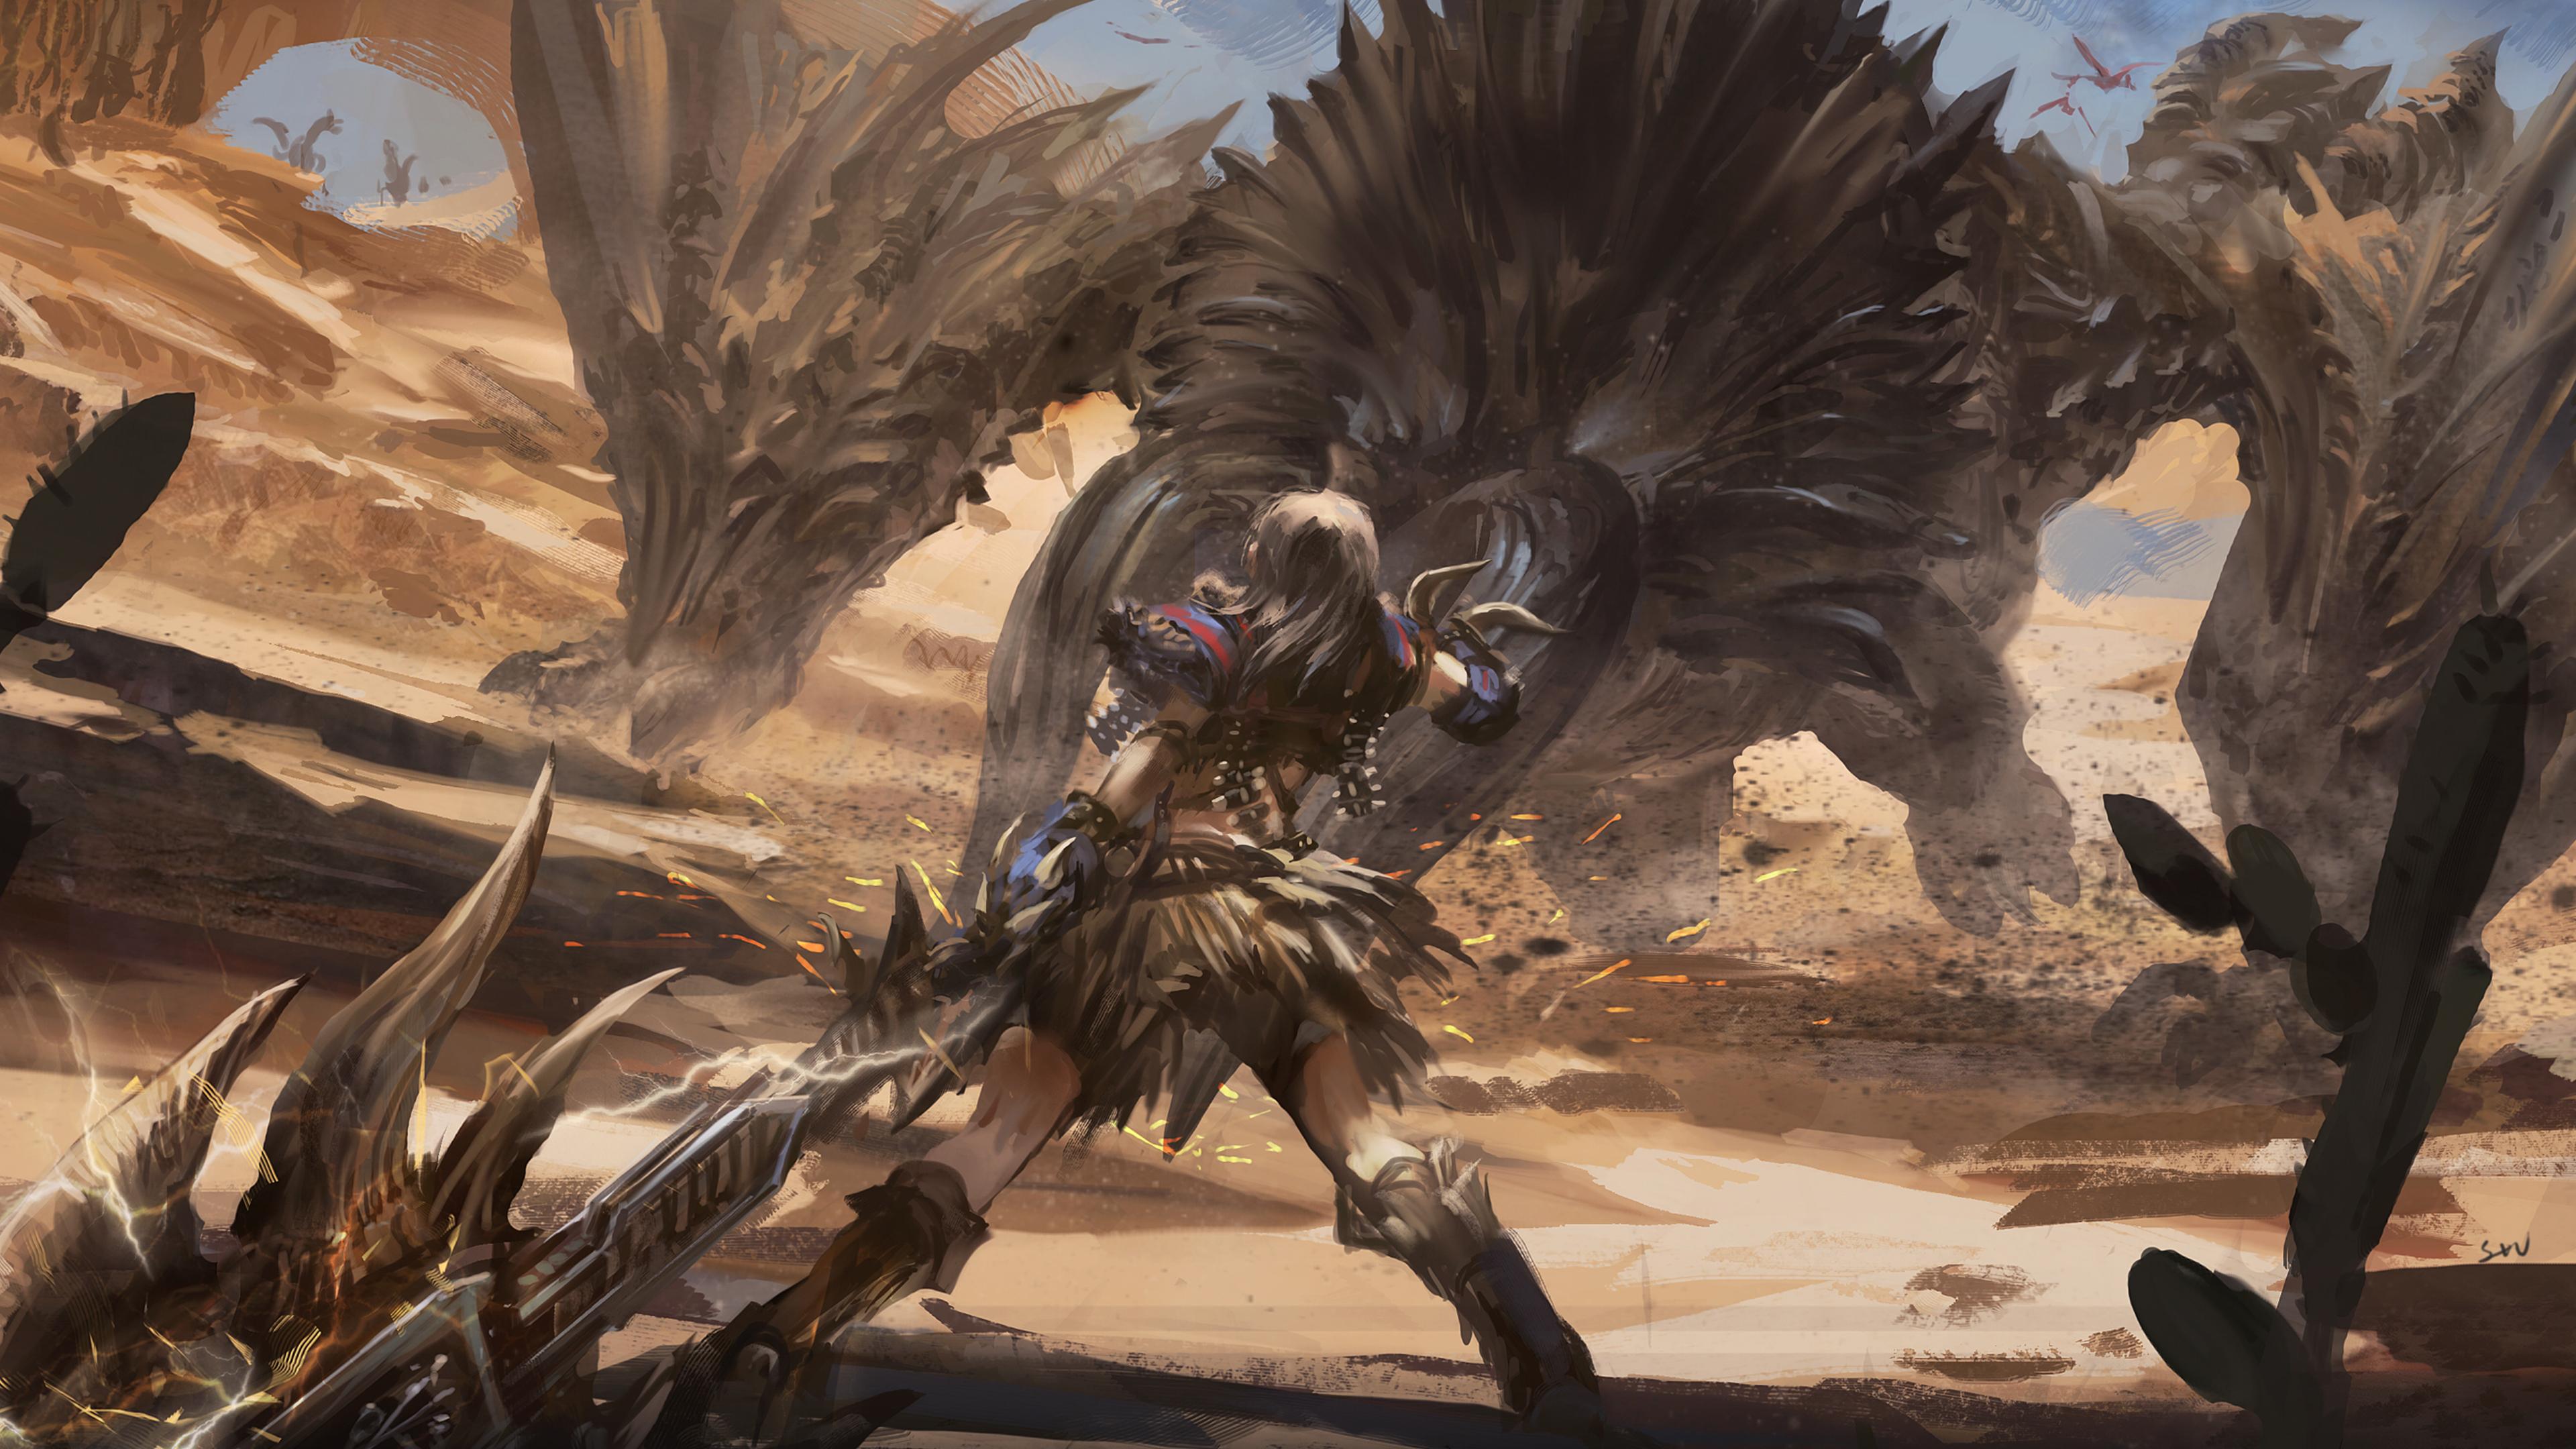 monster-hunter-world-wallpaper-zuu-13